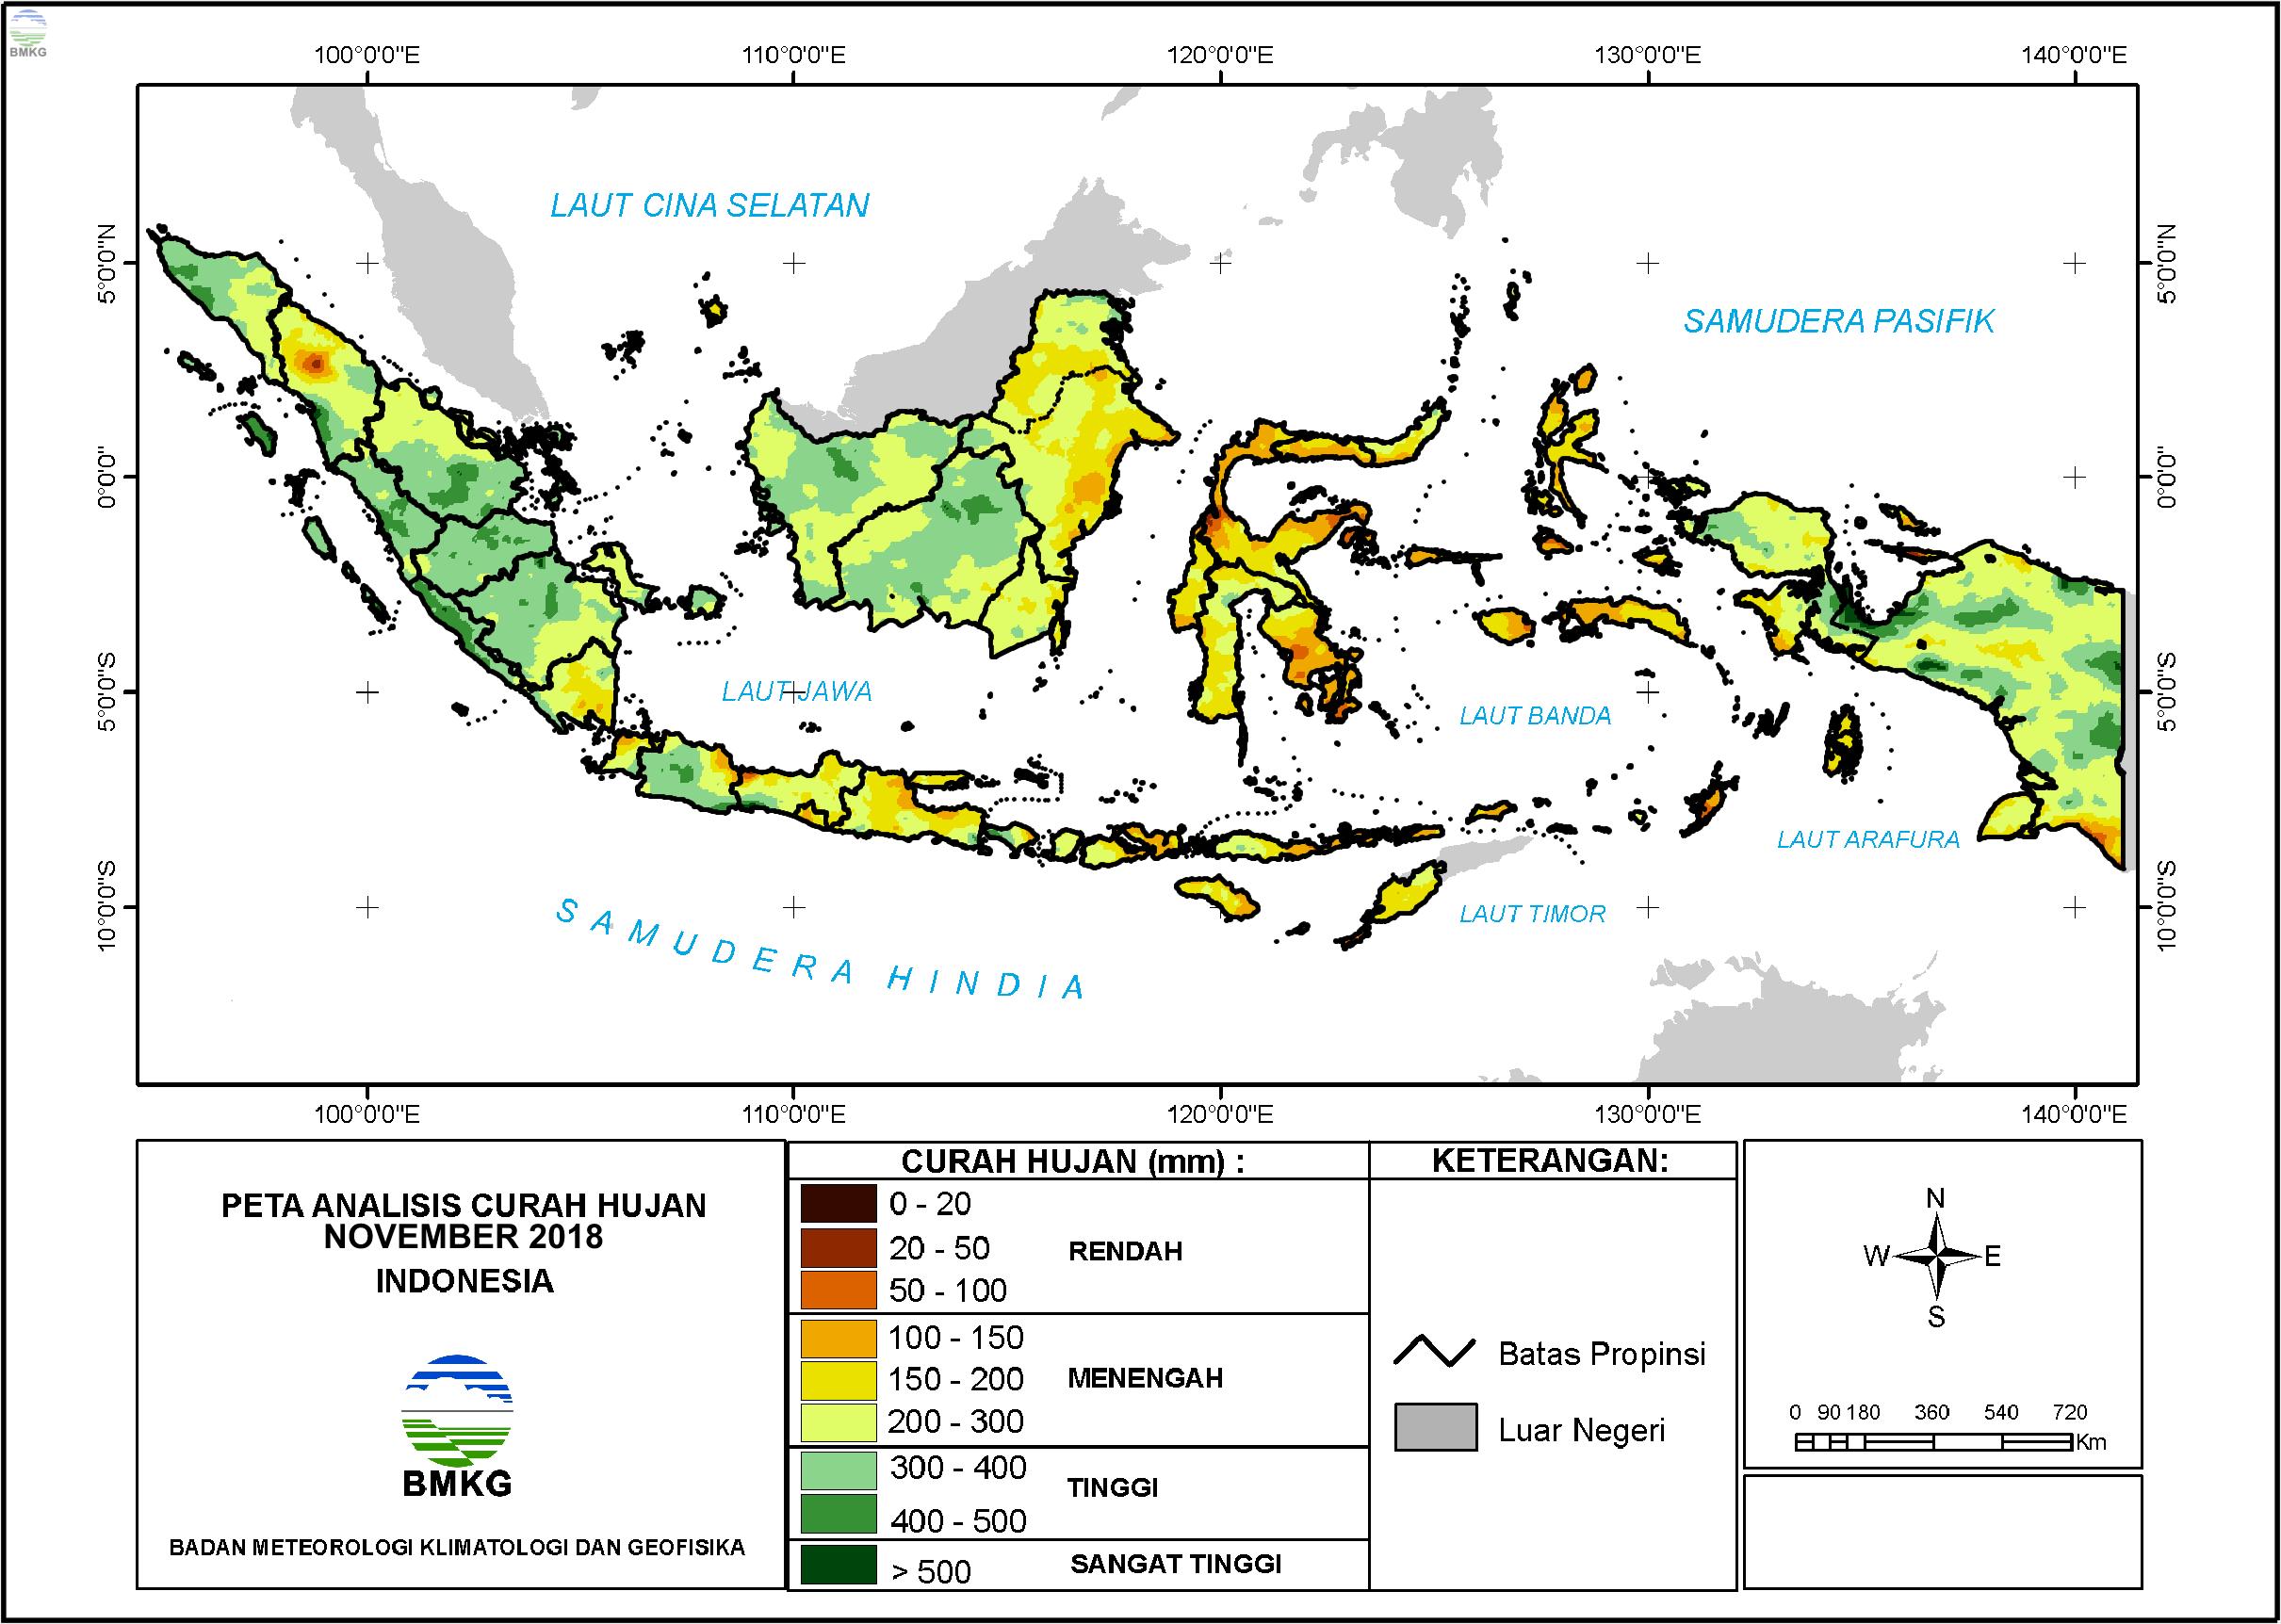 Analisis Curah Hujan dan Sifat Hujan Bulan November 2018